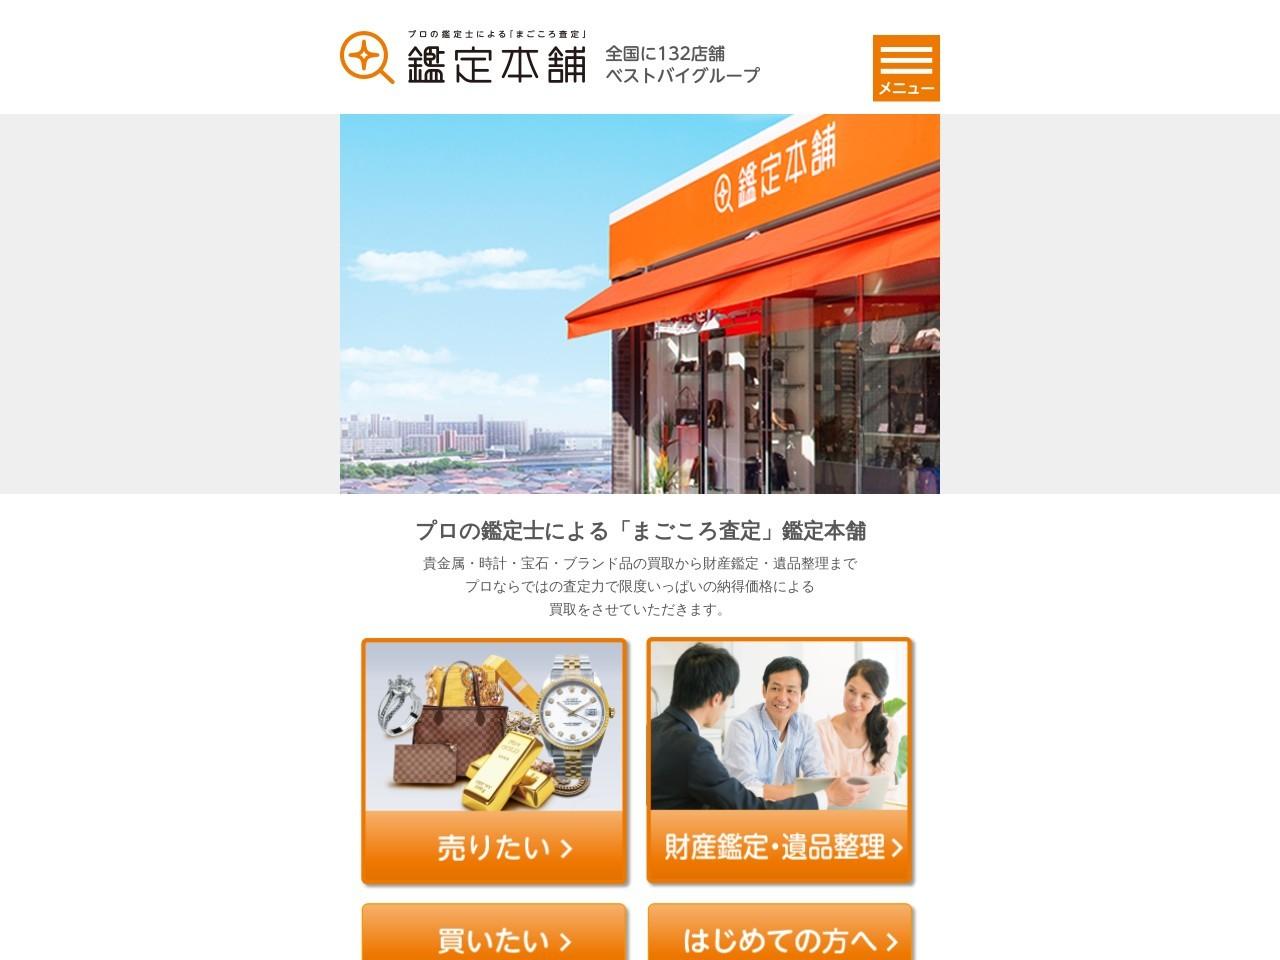 鑑定本舗|高槻・長岡京・茨木|ブランド品の買取から財産鑑定・遺品整理